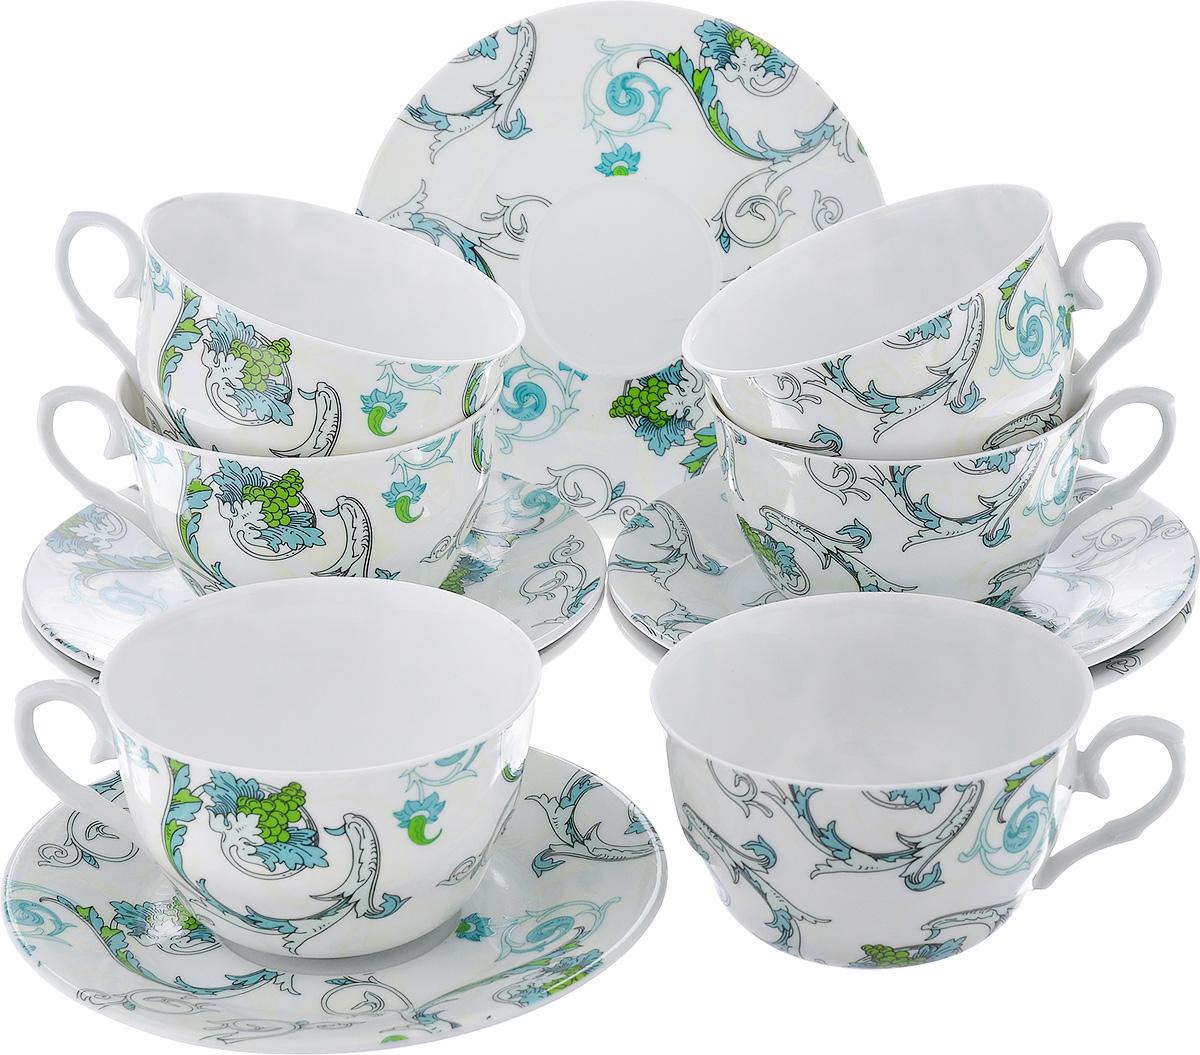 Чайный набор LarangE Рококо, цвет: белый, светло-зеленый, 12 предметов586-315Чайный набор LarangE Рококо состоит из шести чашек и шести блюдец,изготовленных из фарфора. Предметы набора оформленыизящным ярким рисунком.Чайный набор LarangE Рококо украсит ваш кухонный стол, а такжестанет замечательным подарком друзьям и близким.Объем чашки: 250 мл.Диаметр чашки по верхнему краю: 9,5 см.Высота чашки: 6 см.Диаметр блюдца: 14,5 см.